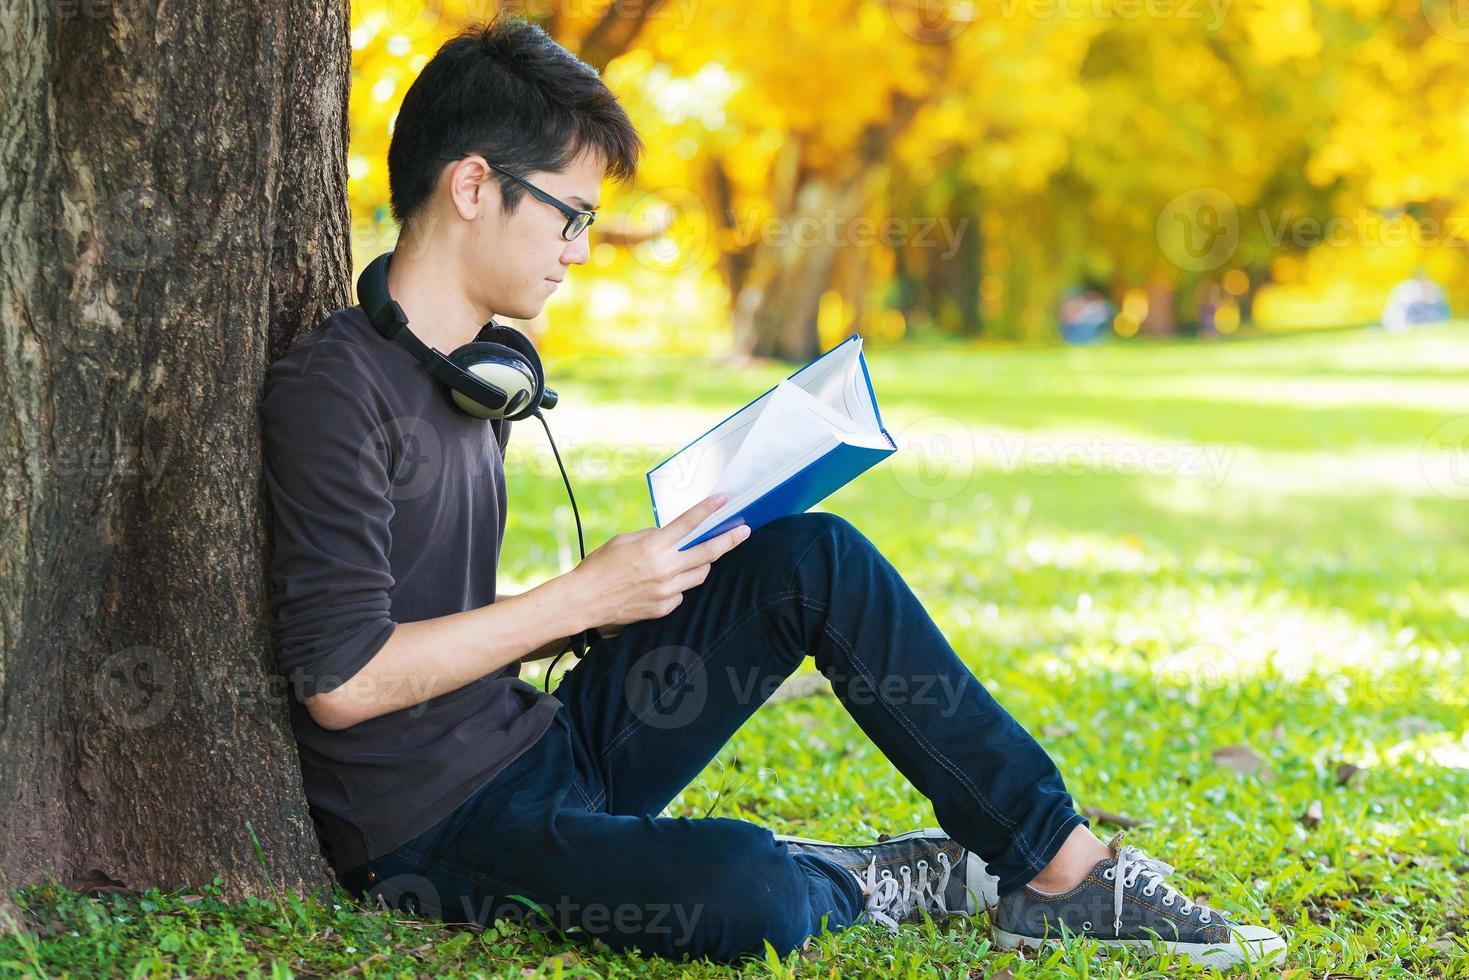 homem lendo livro no parque, sentado debaixo de uma árvore foto